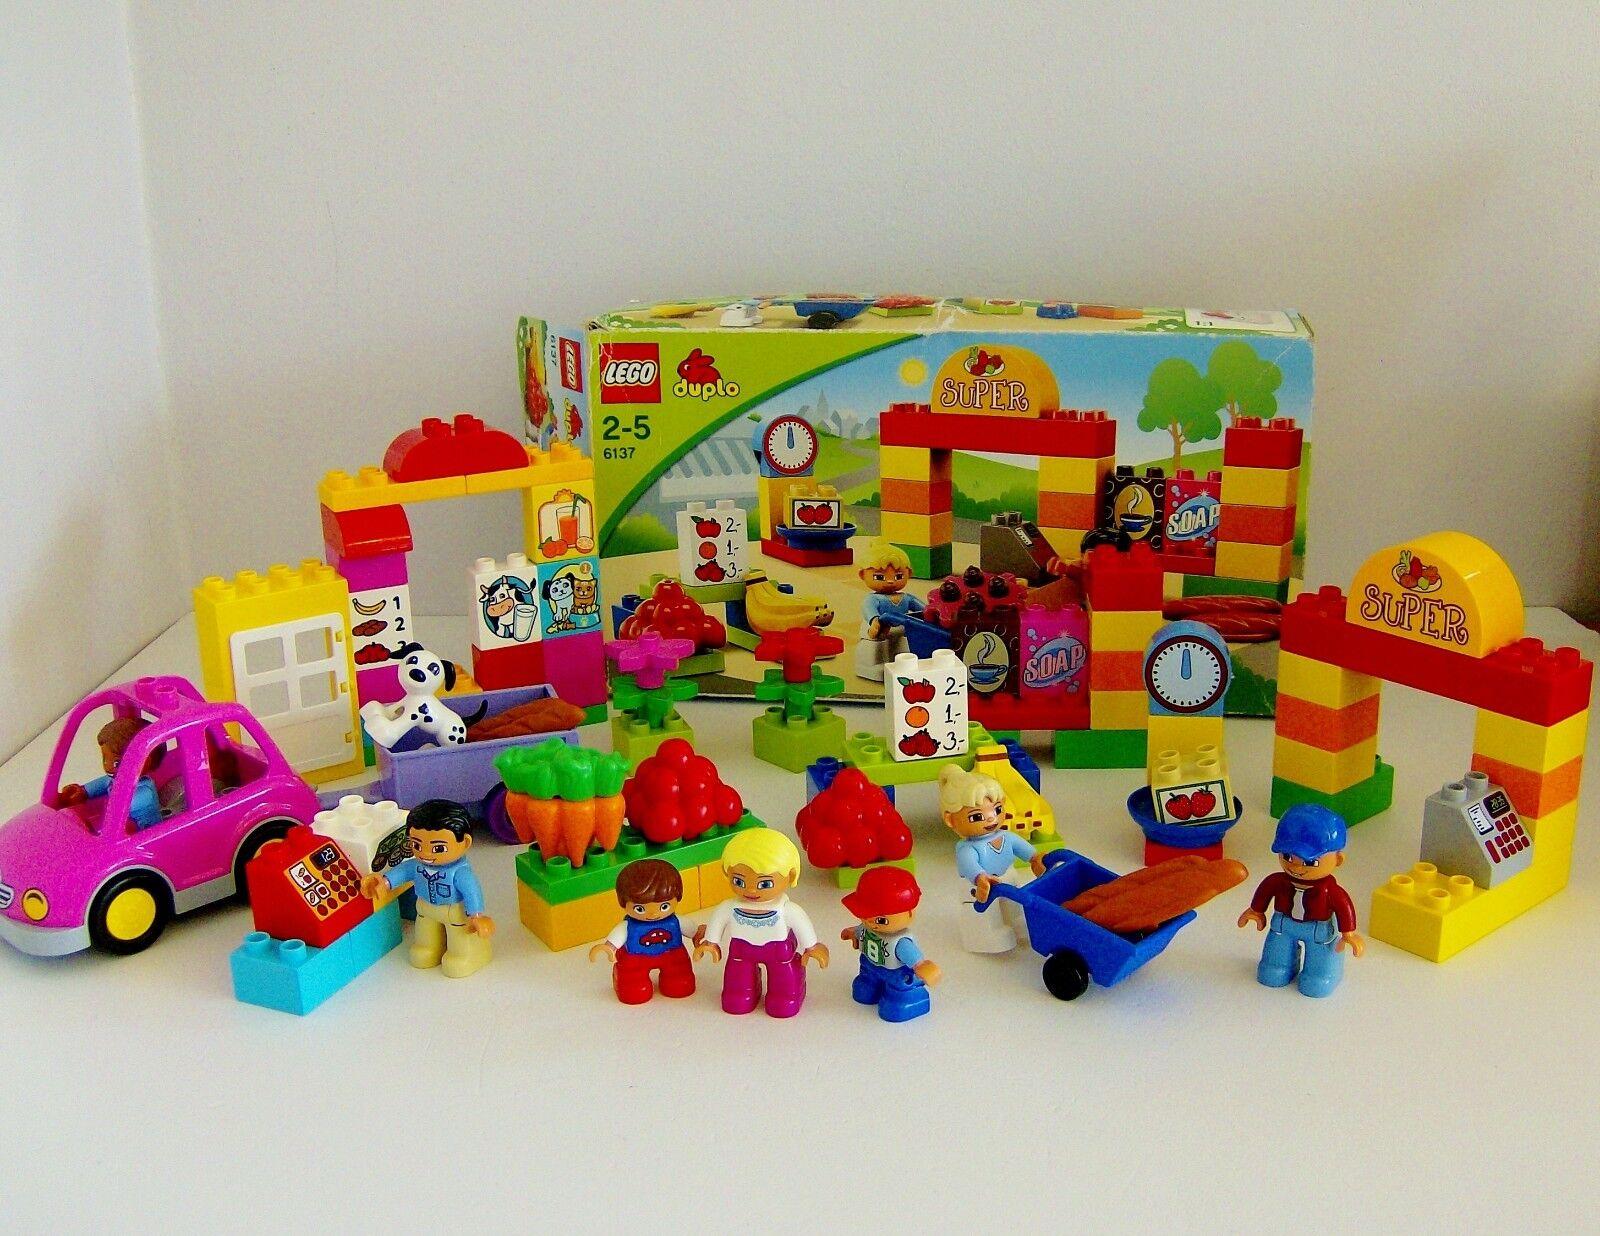 LEGO Duplo Supermarket   Shopping Mixed Bundle